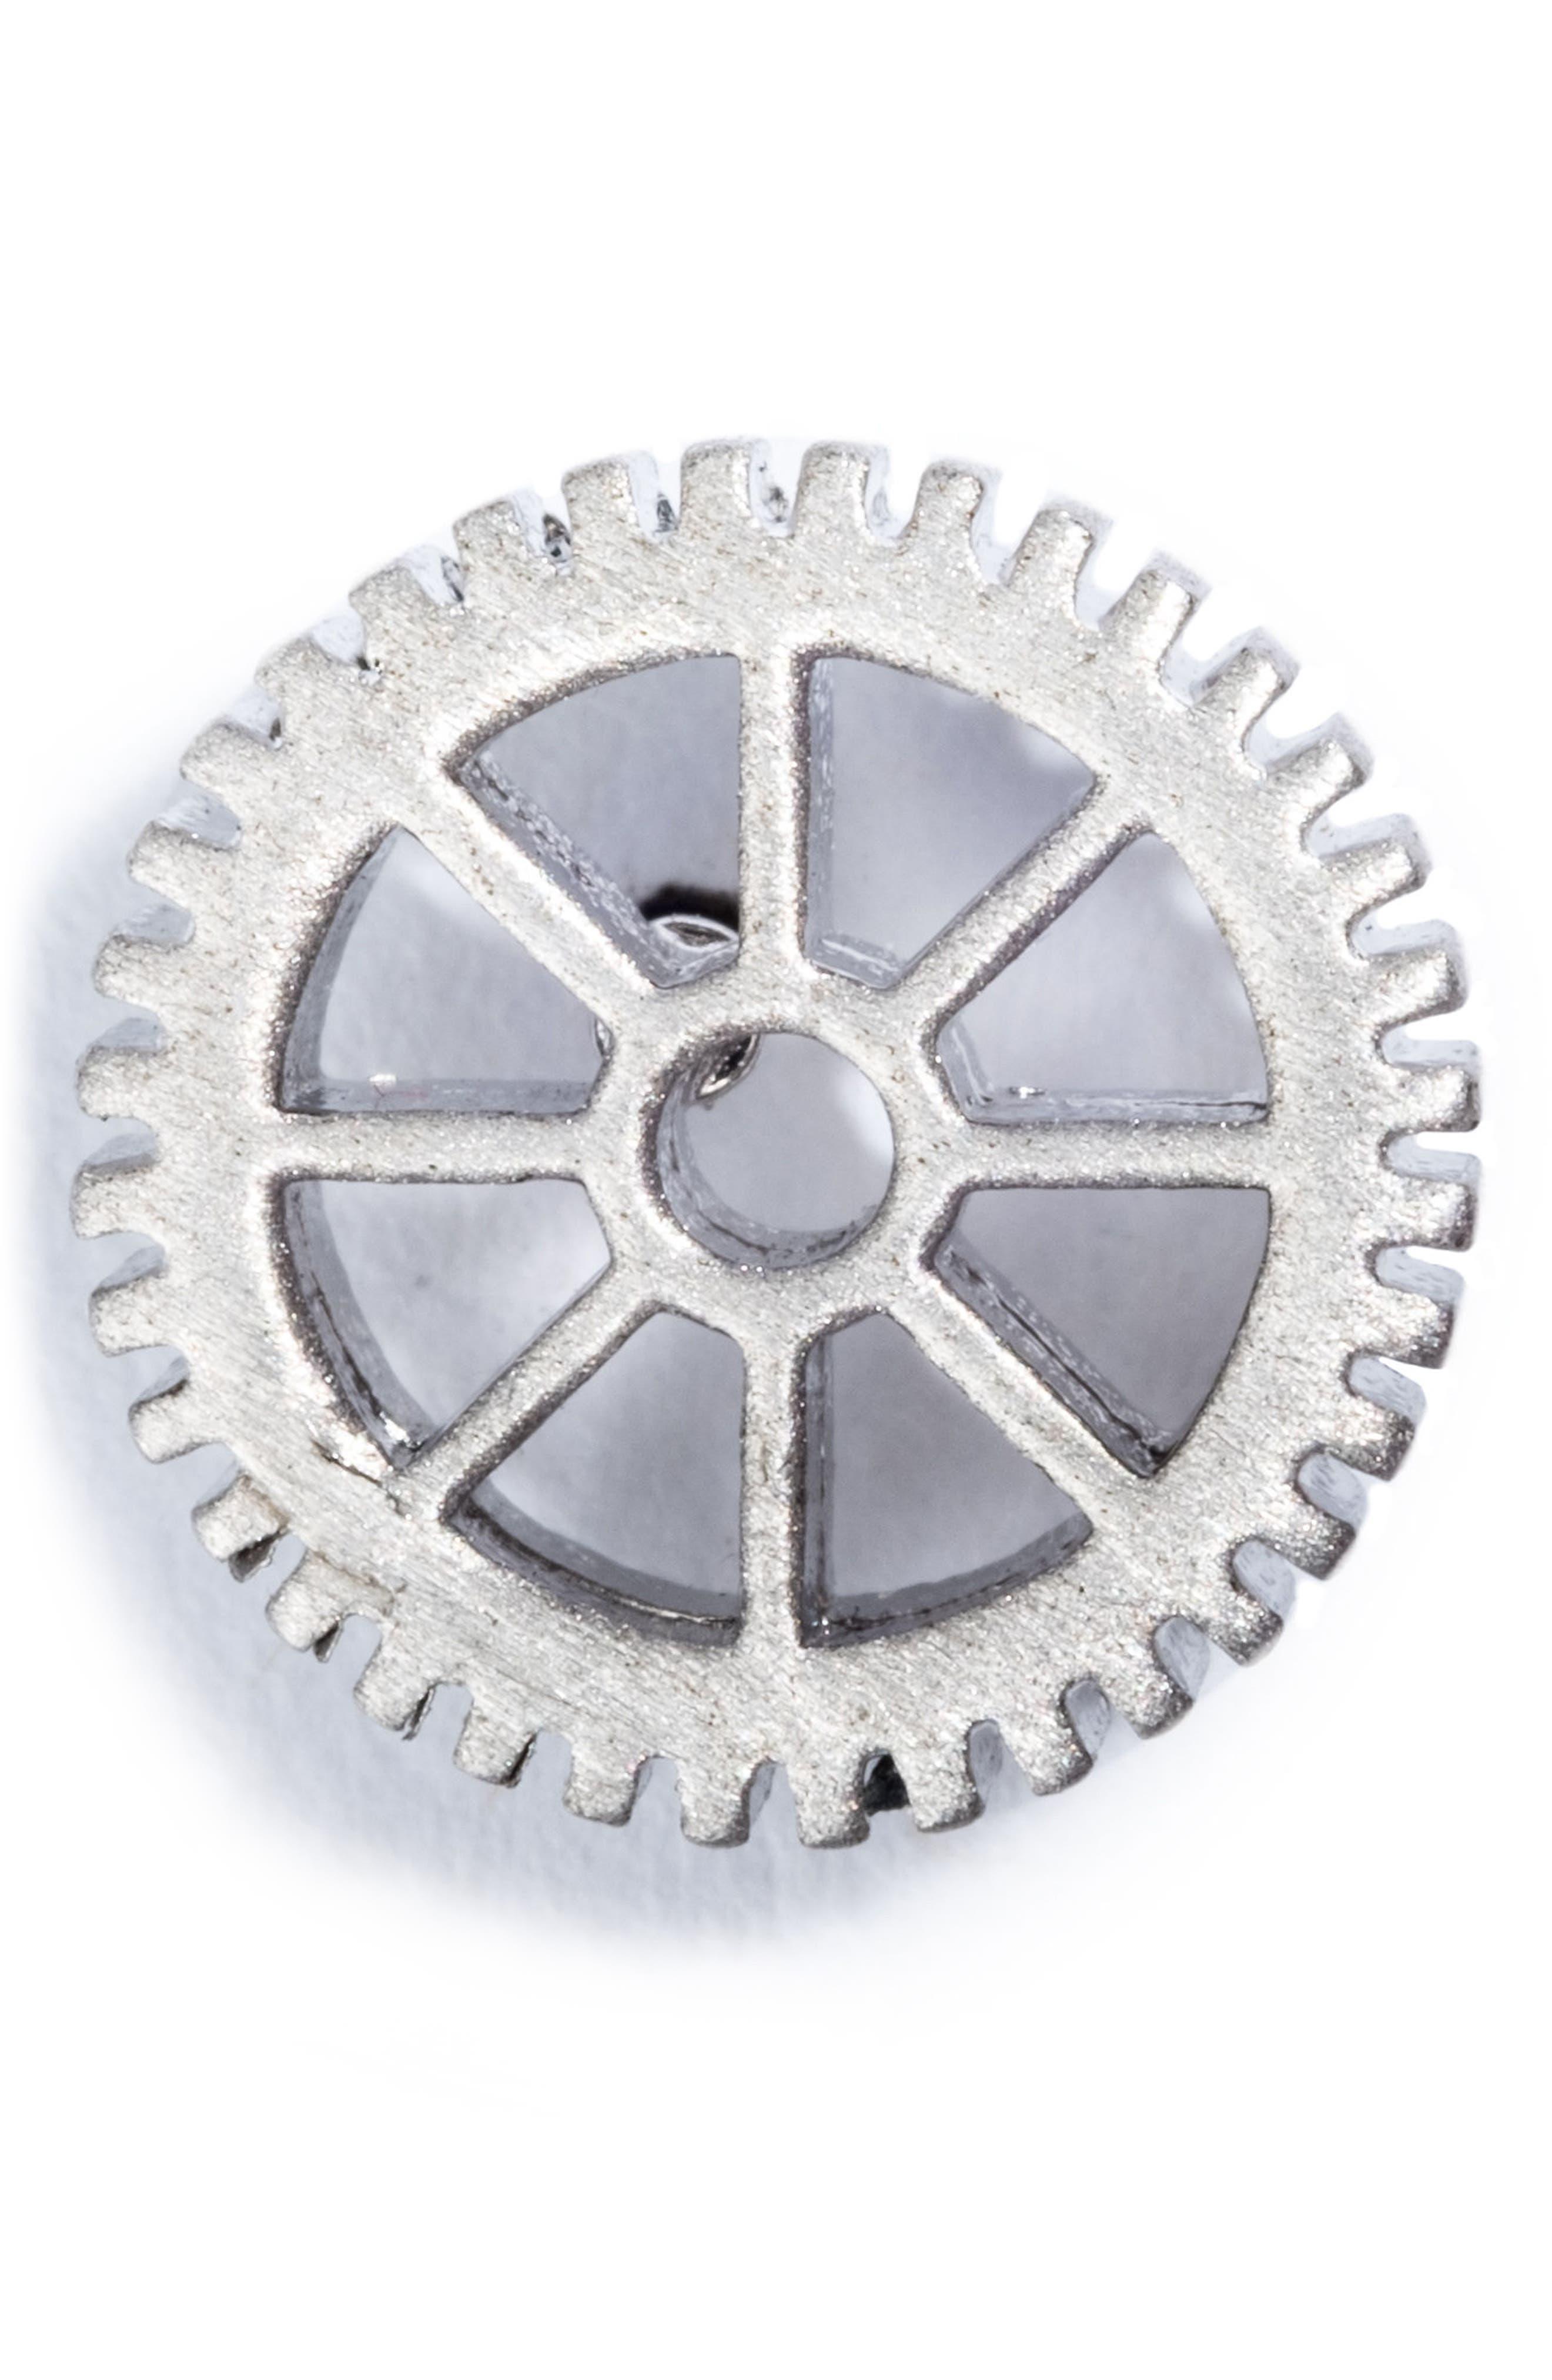 Gear Pin,                         Main,                         color, SILVER